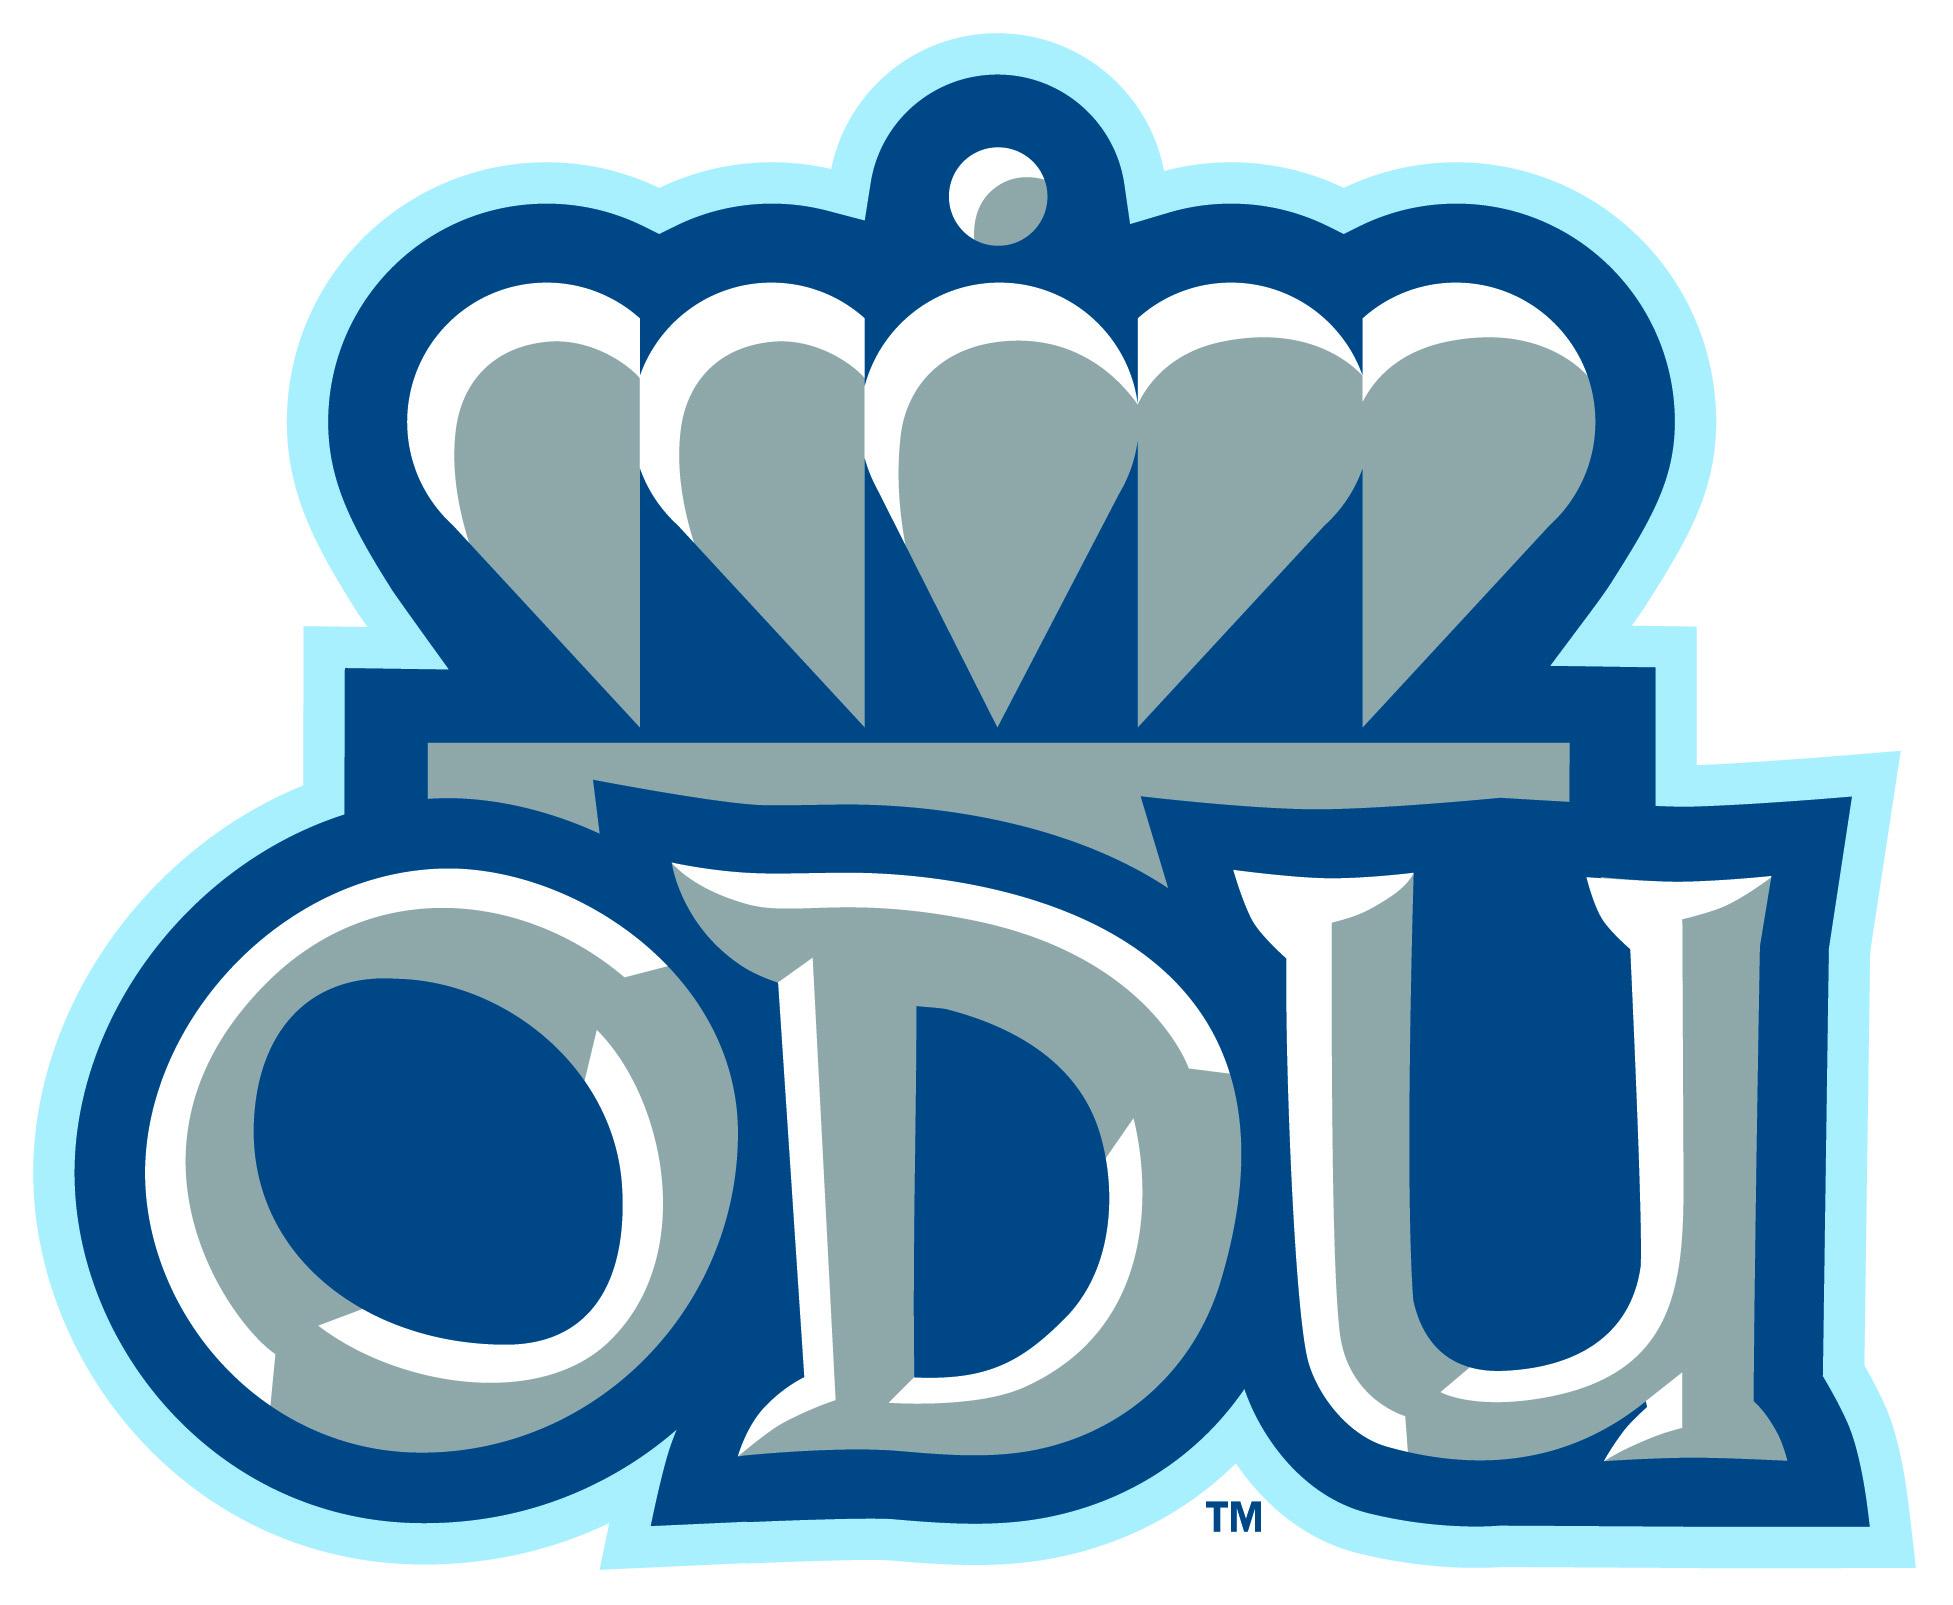 ODU Football Image